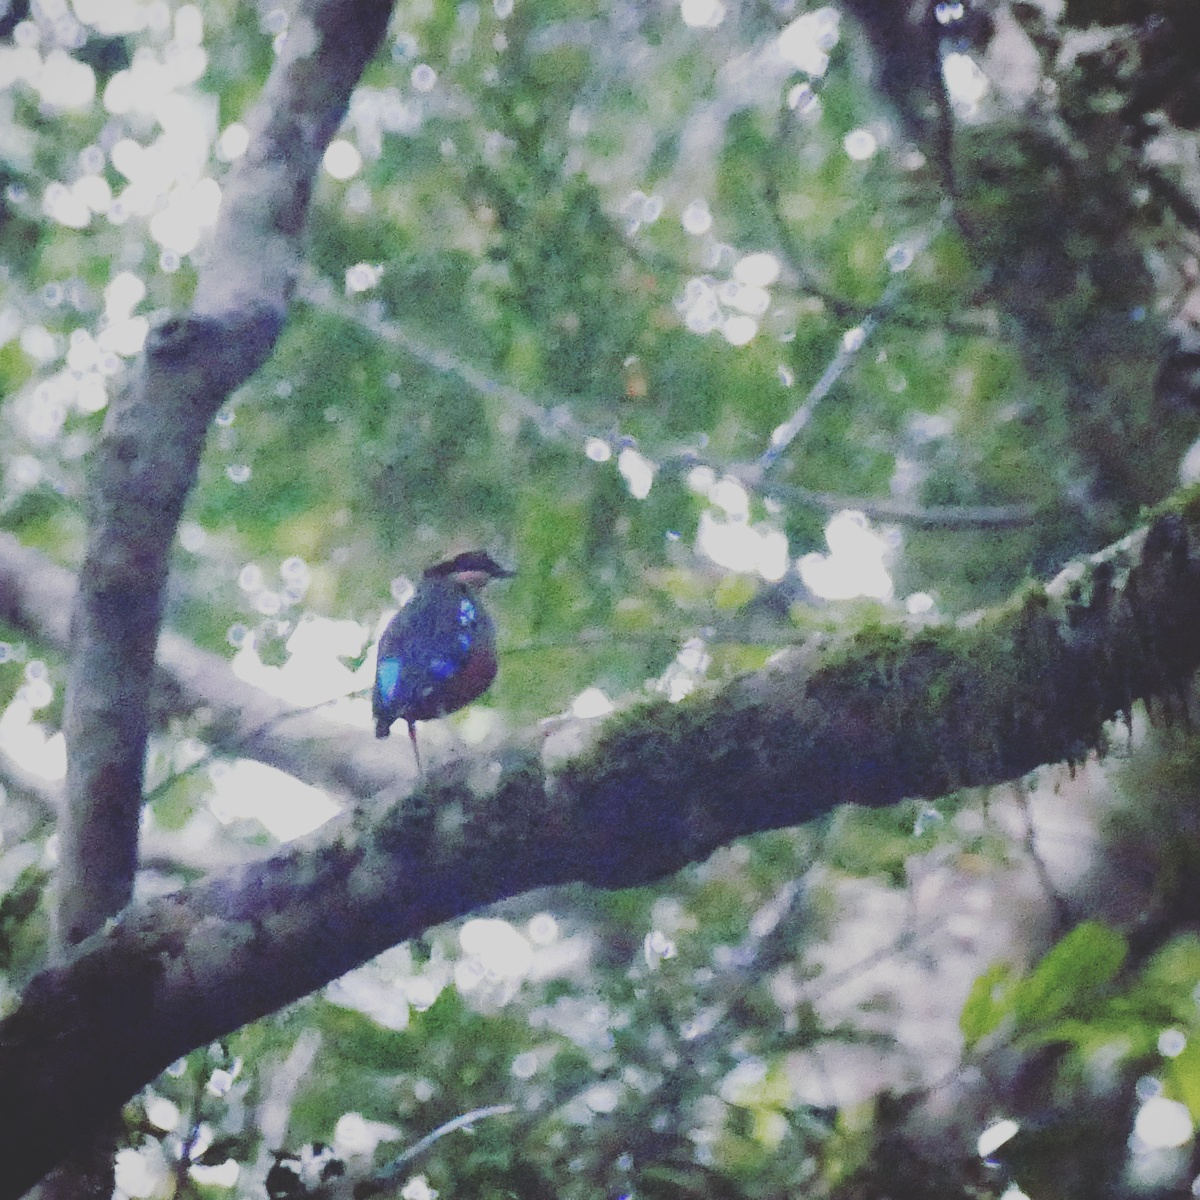 Green-breasted Pitta at Kibale National Park. Noah Strycker